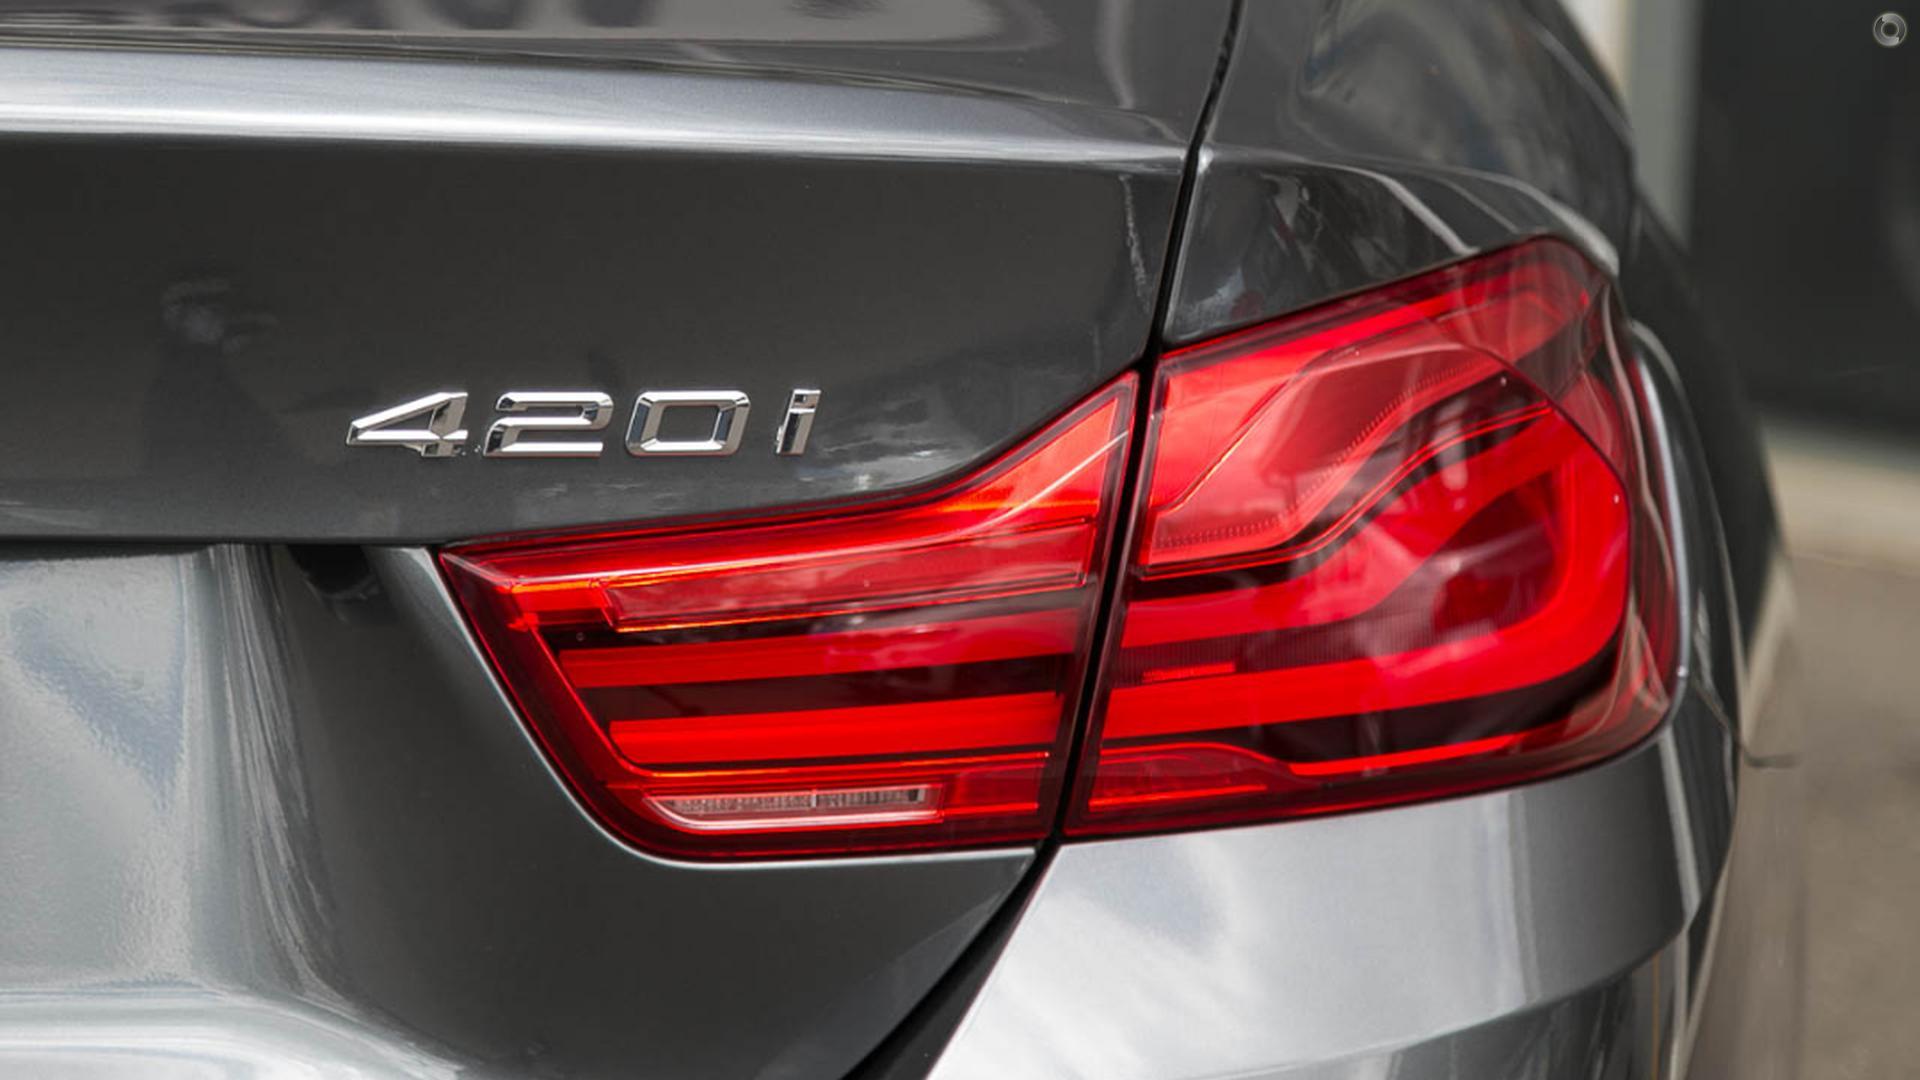 2017 Bmw 420i Luxury Line F32